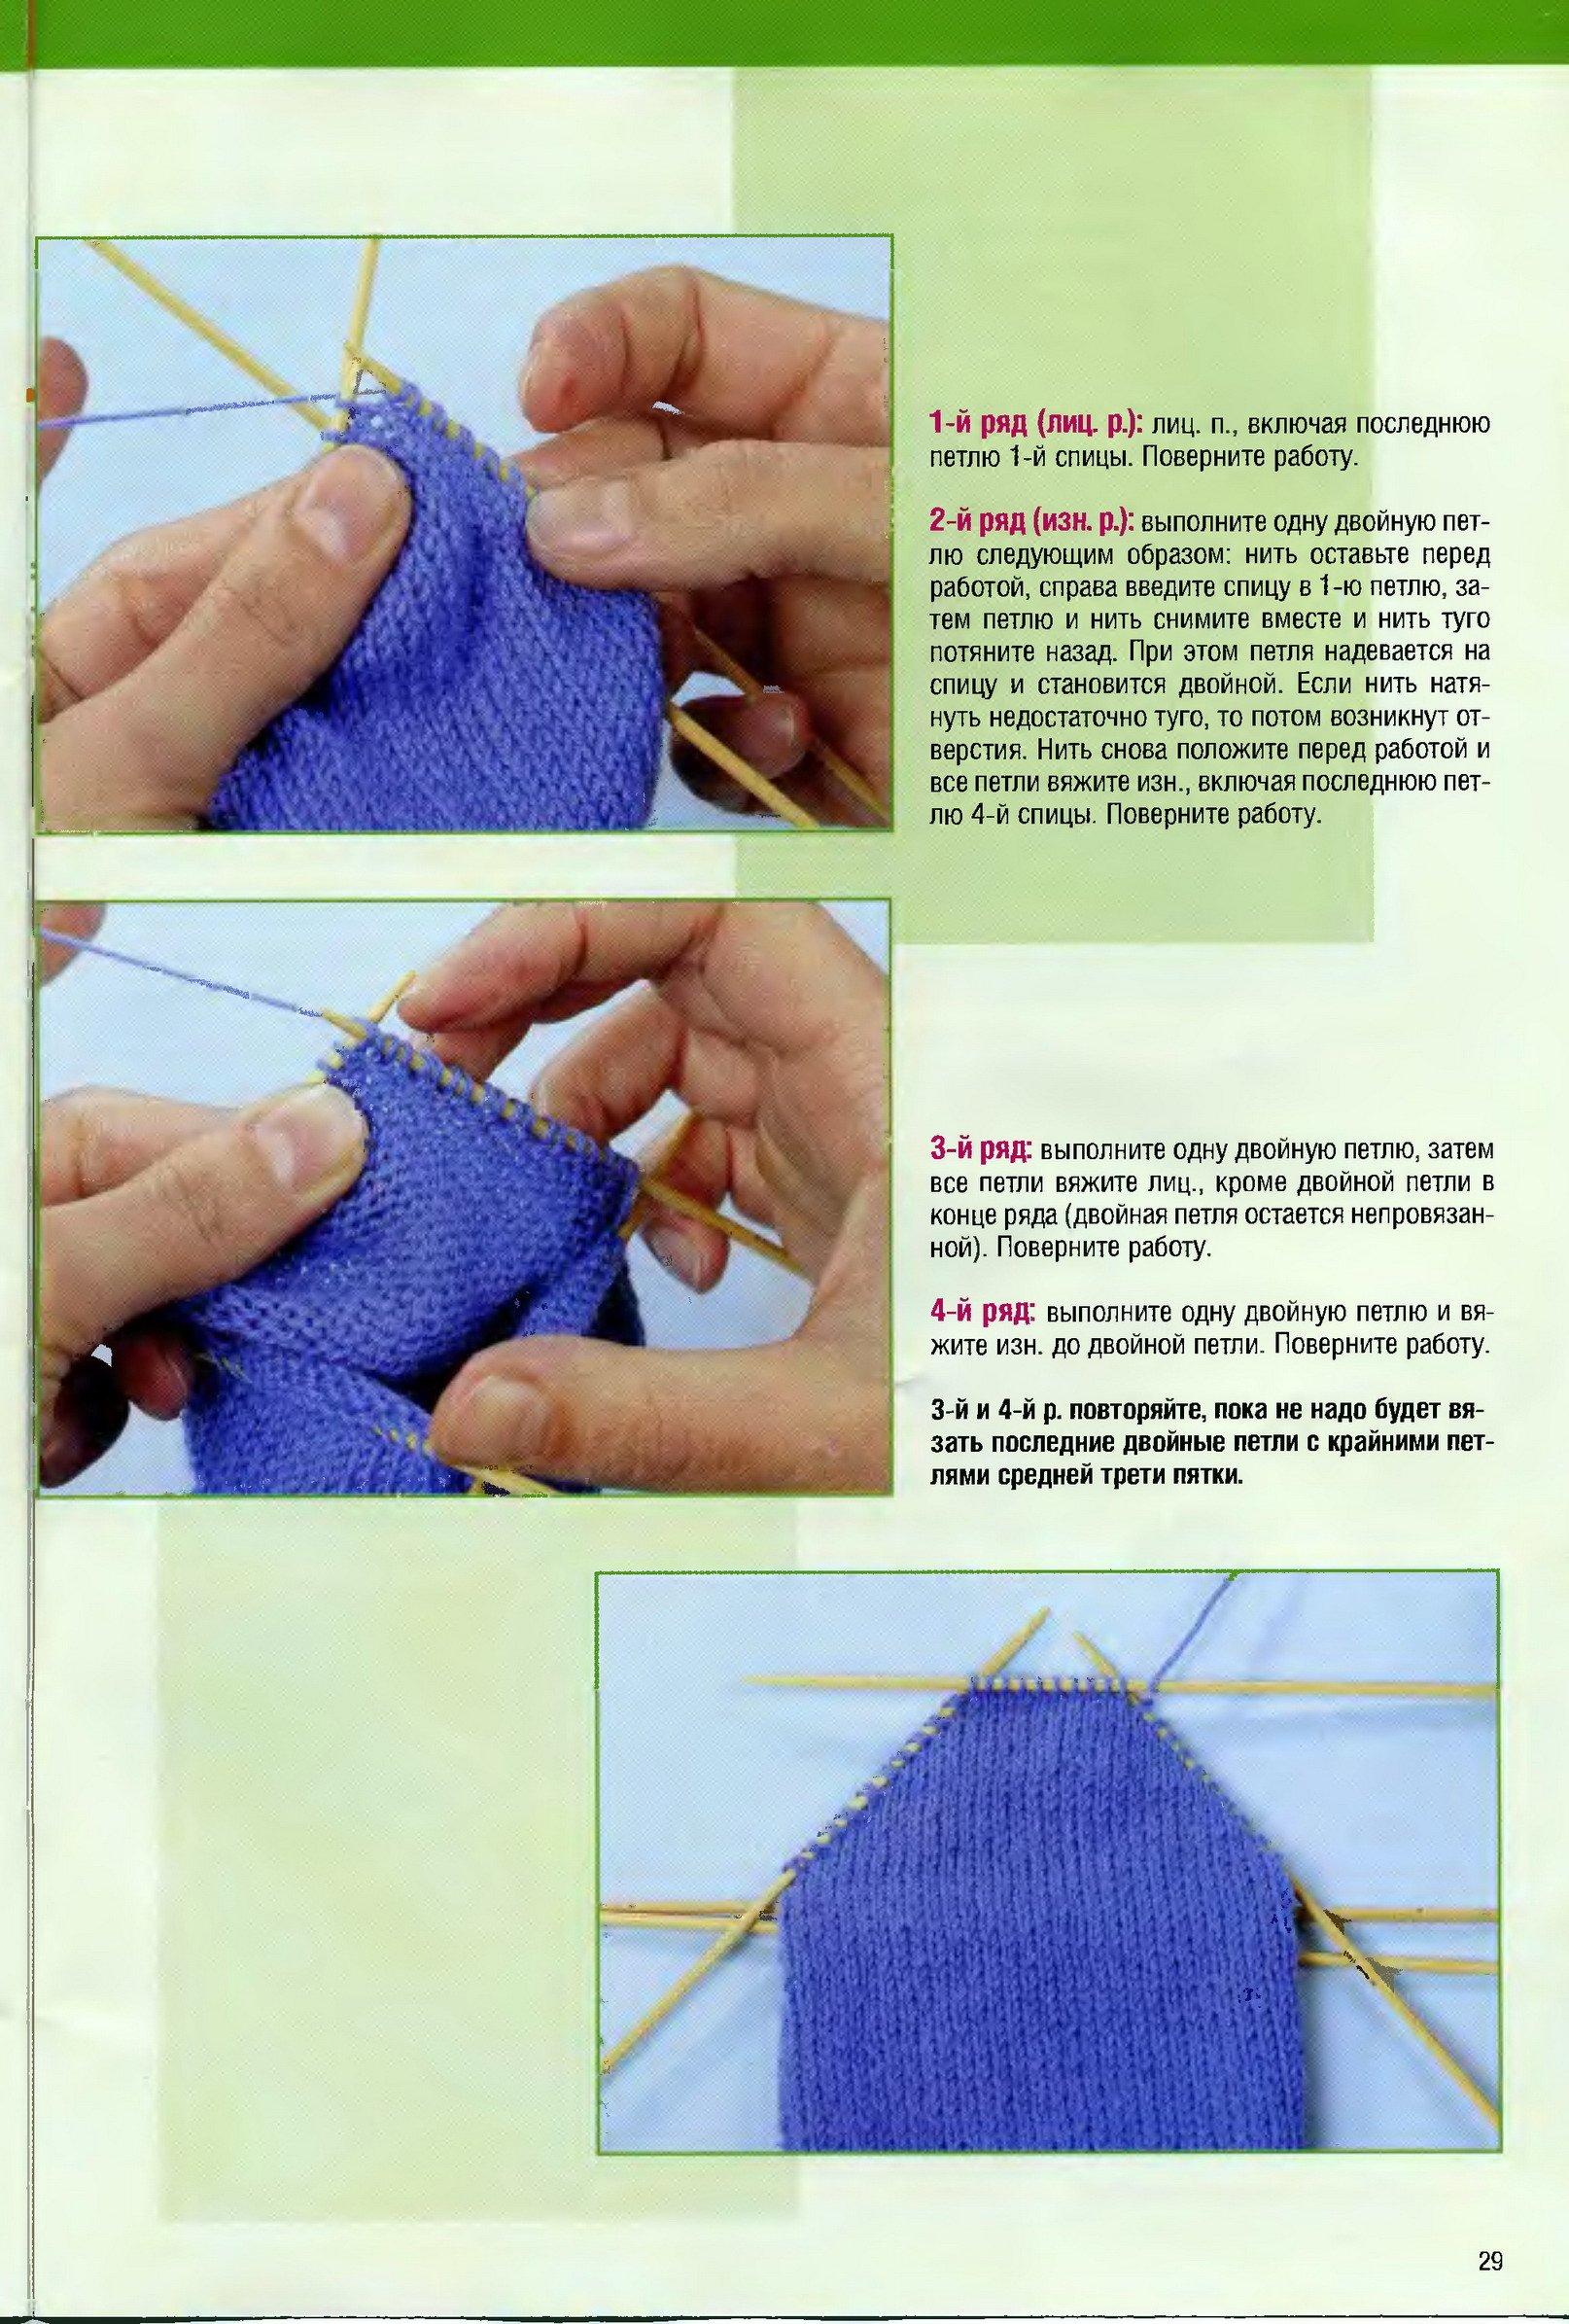 Вязание спицами пятки носков. Различные способы и правильное 16